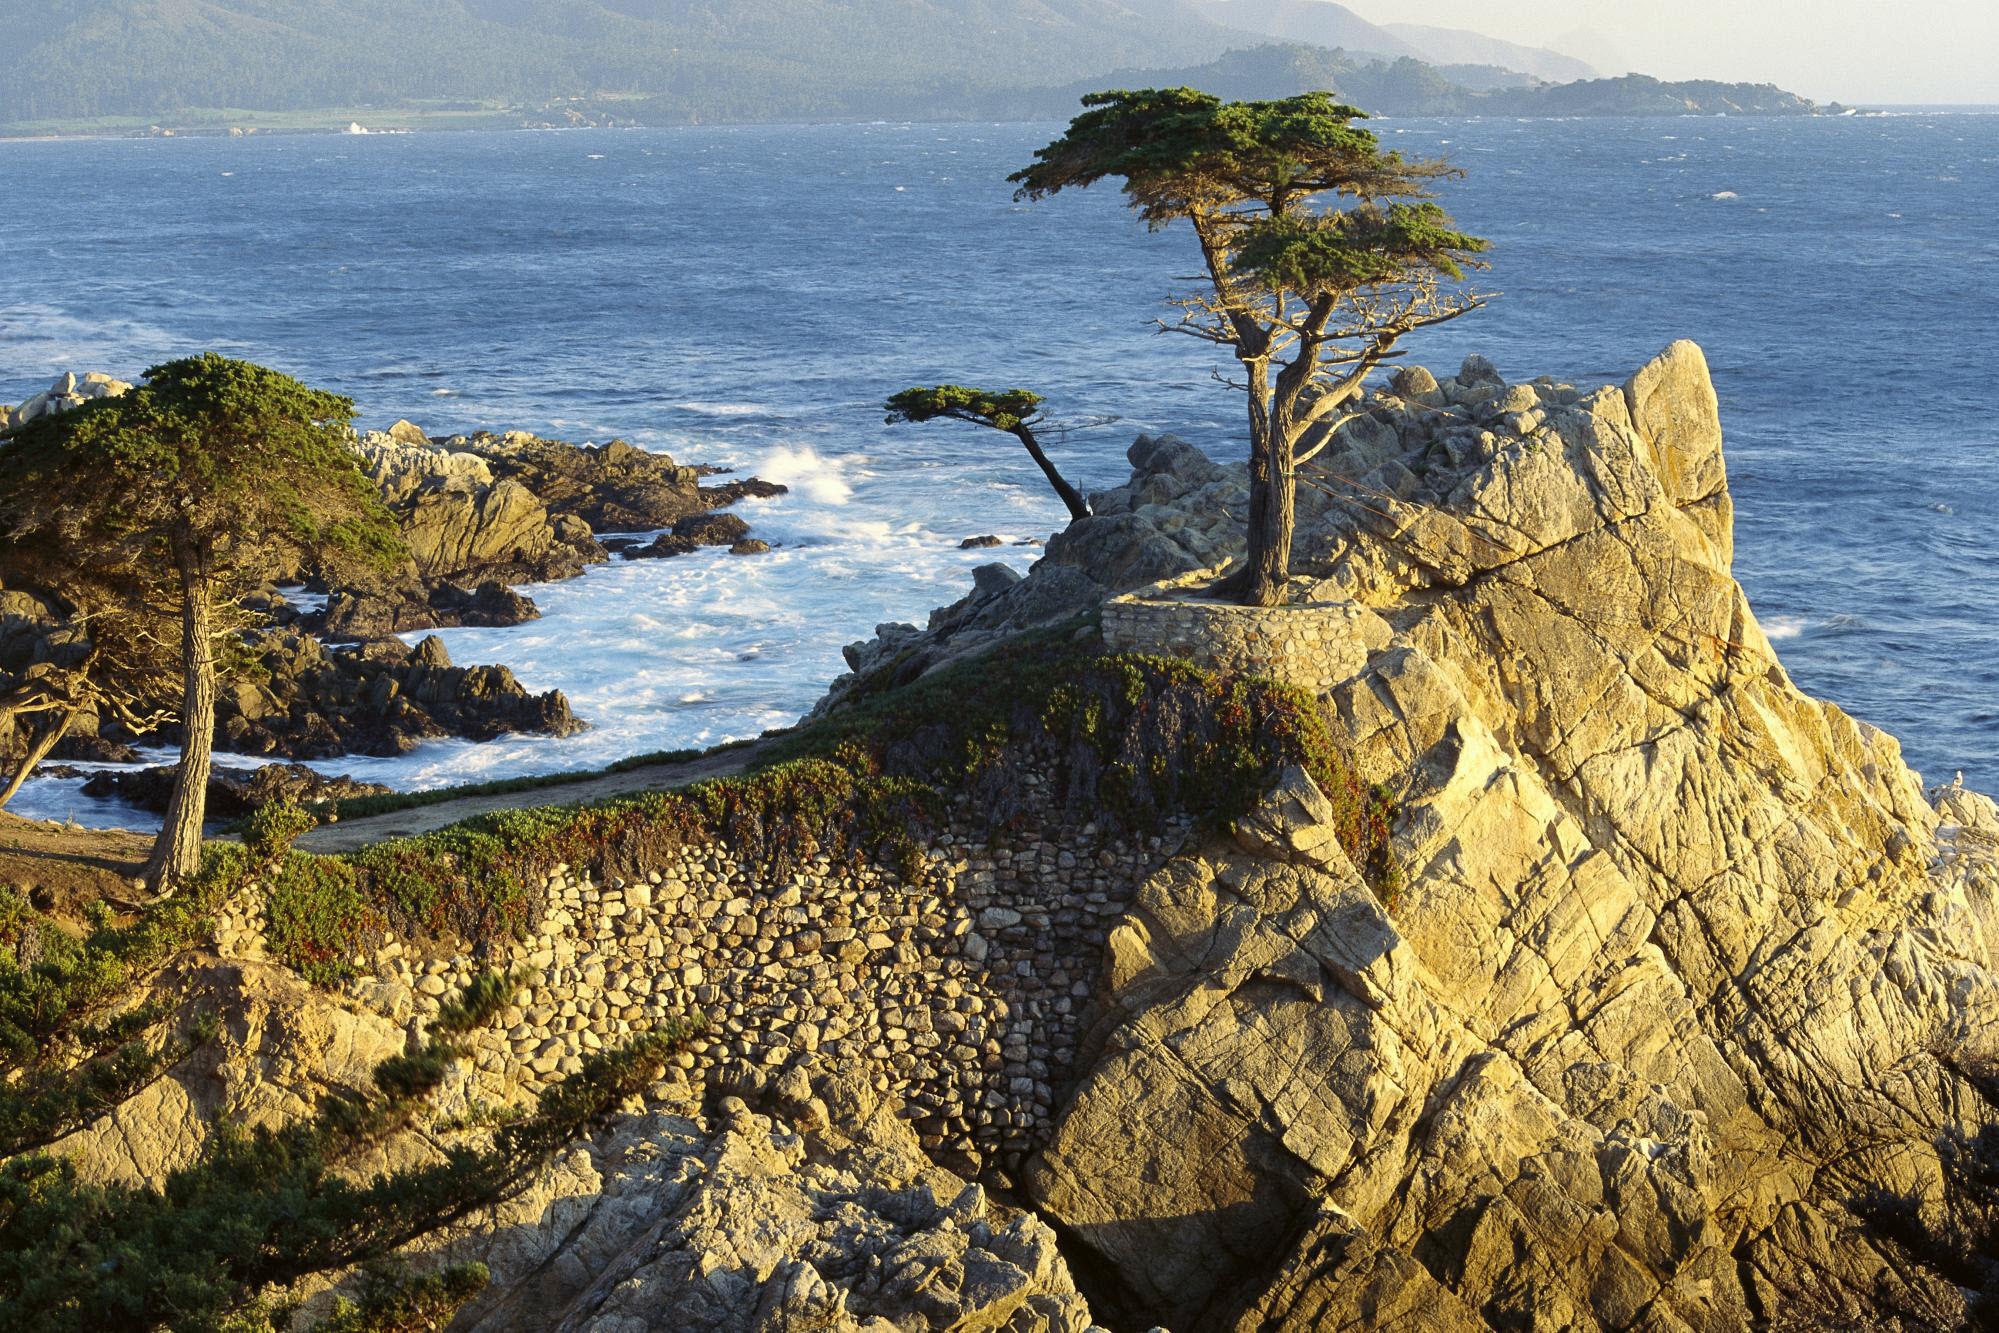 дерево море высота  № 964171 загрузить